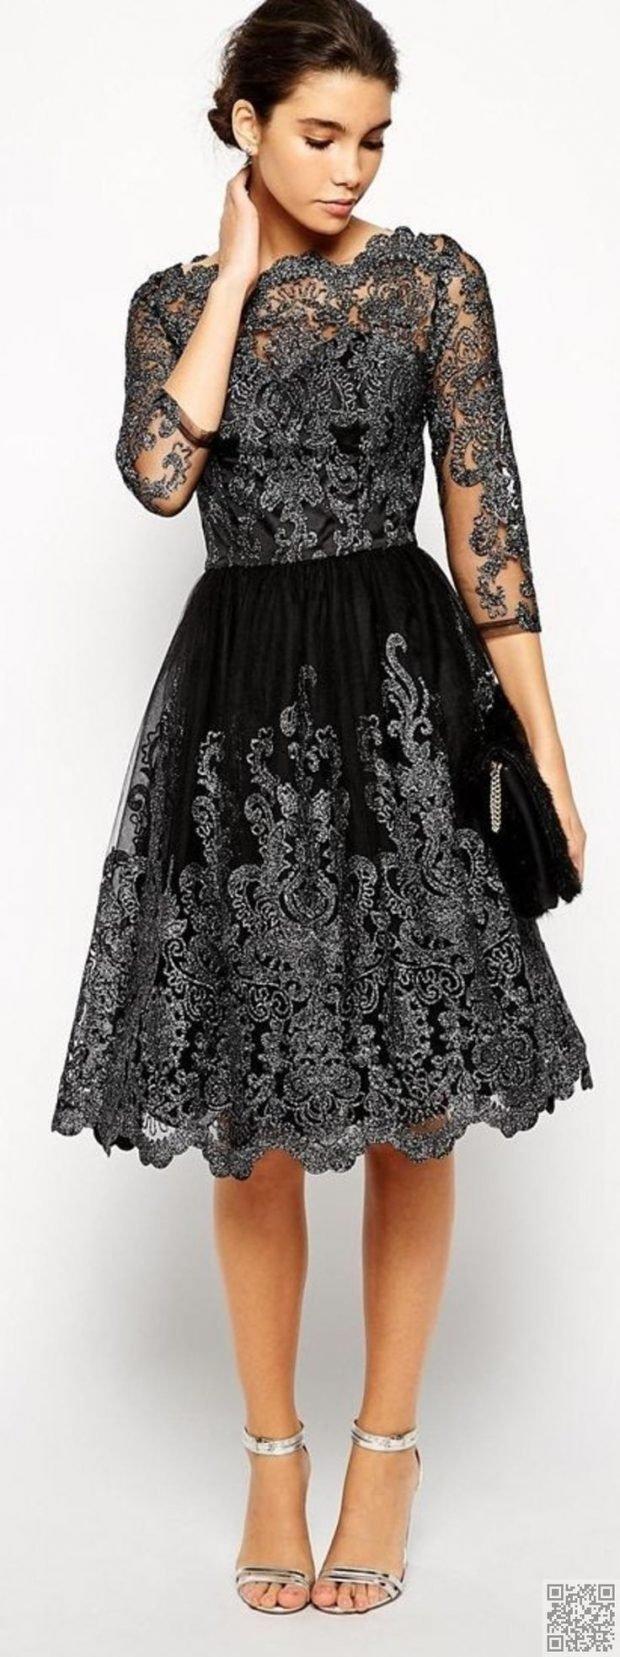 платье из кружева с серебристой вышивкой